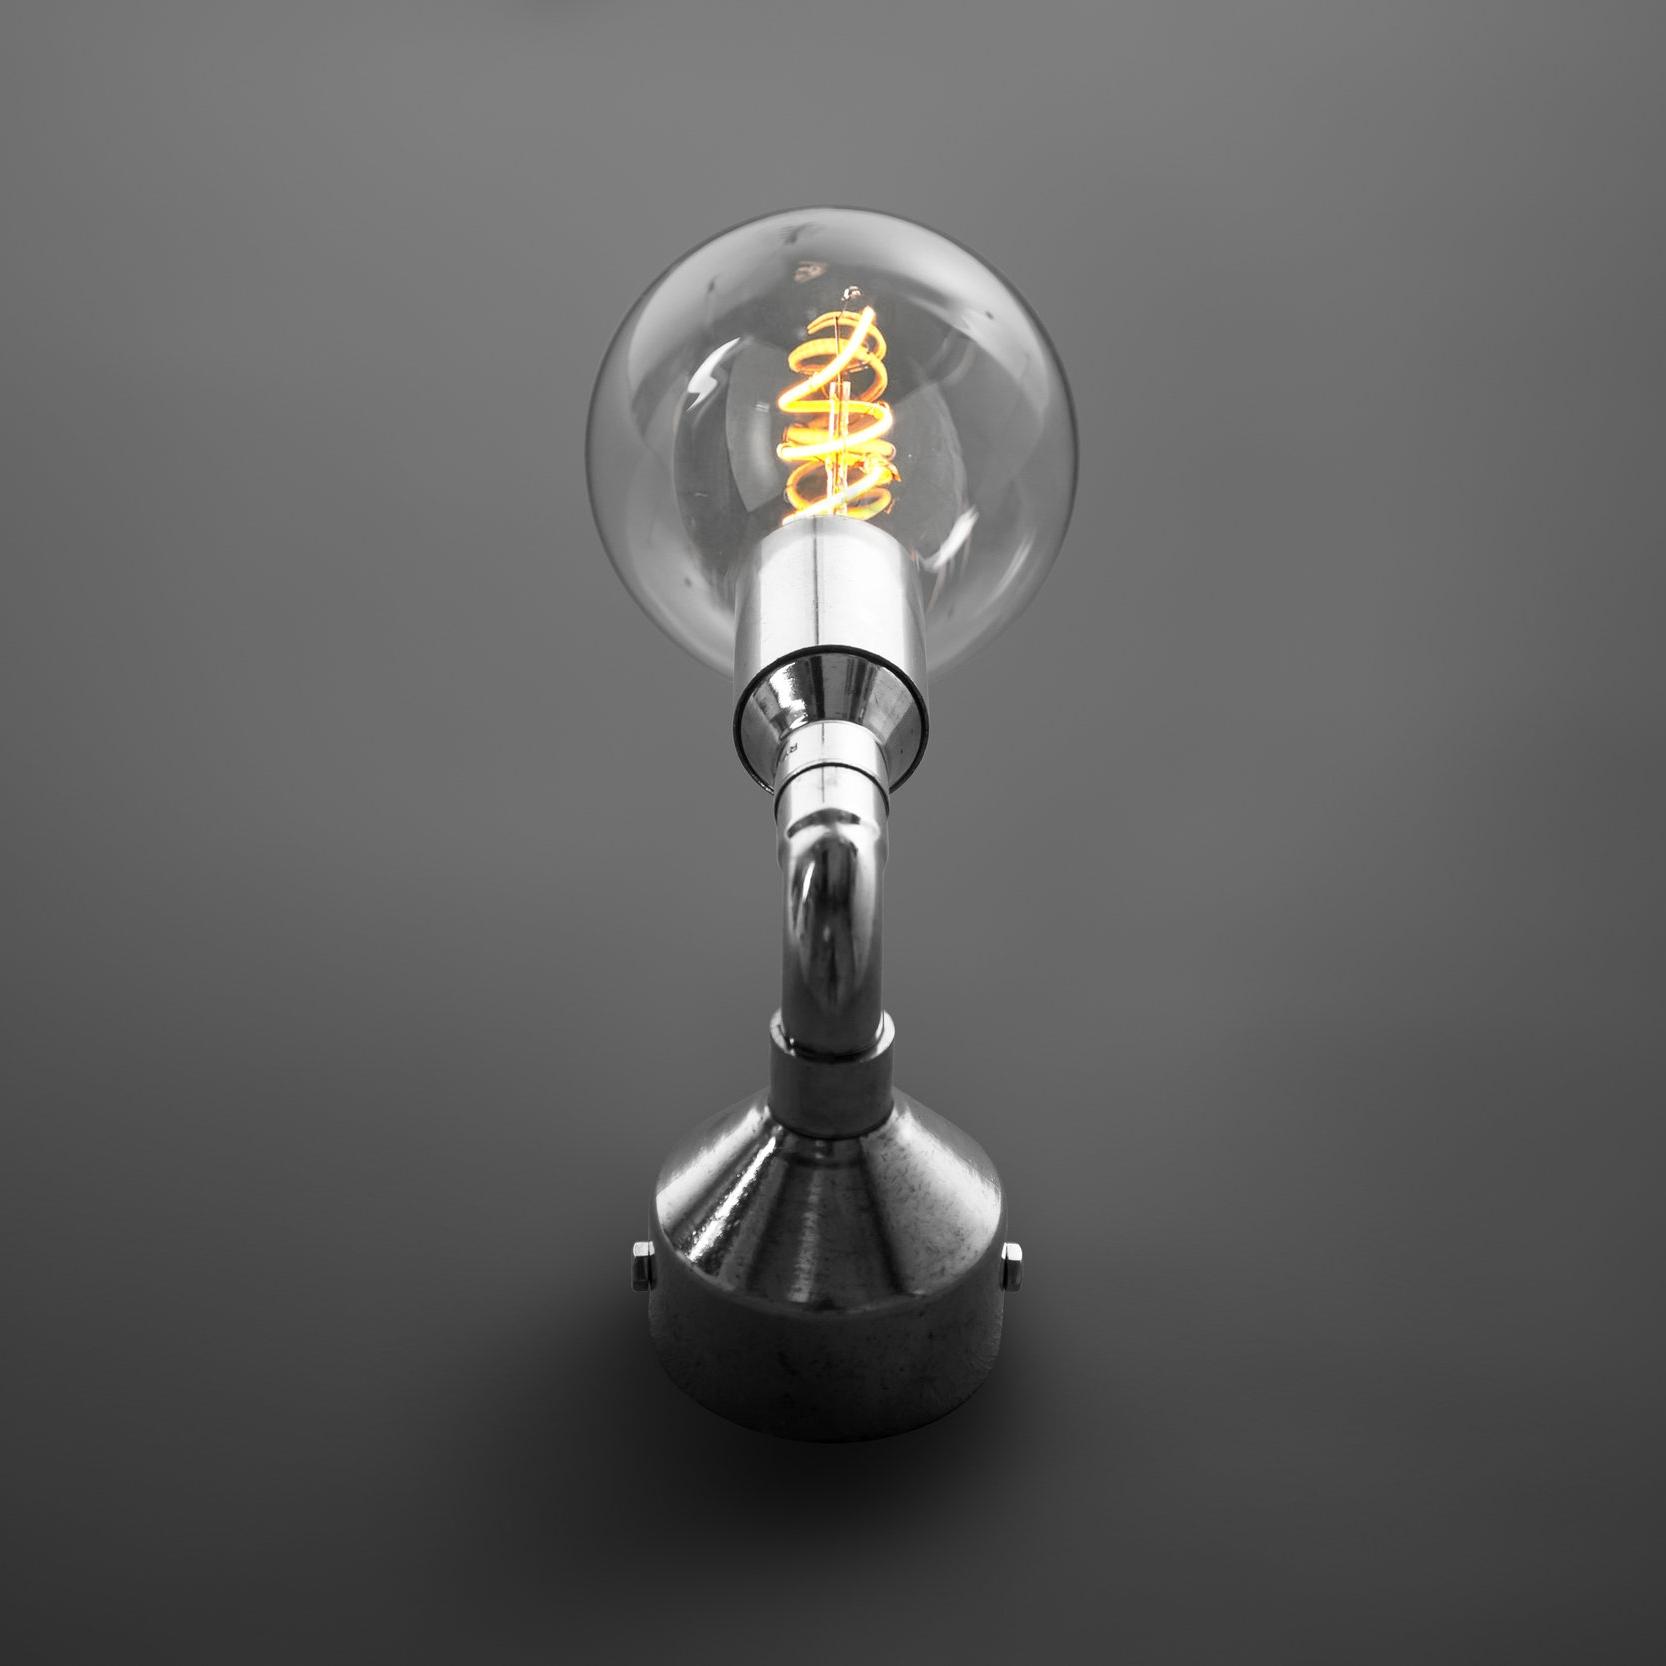 WALL LIGHTS - Light up a dark corner with a designer modern wall light